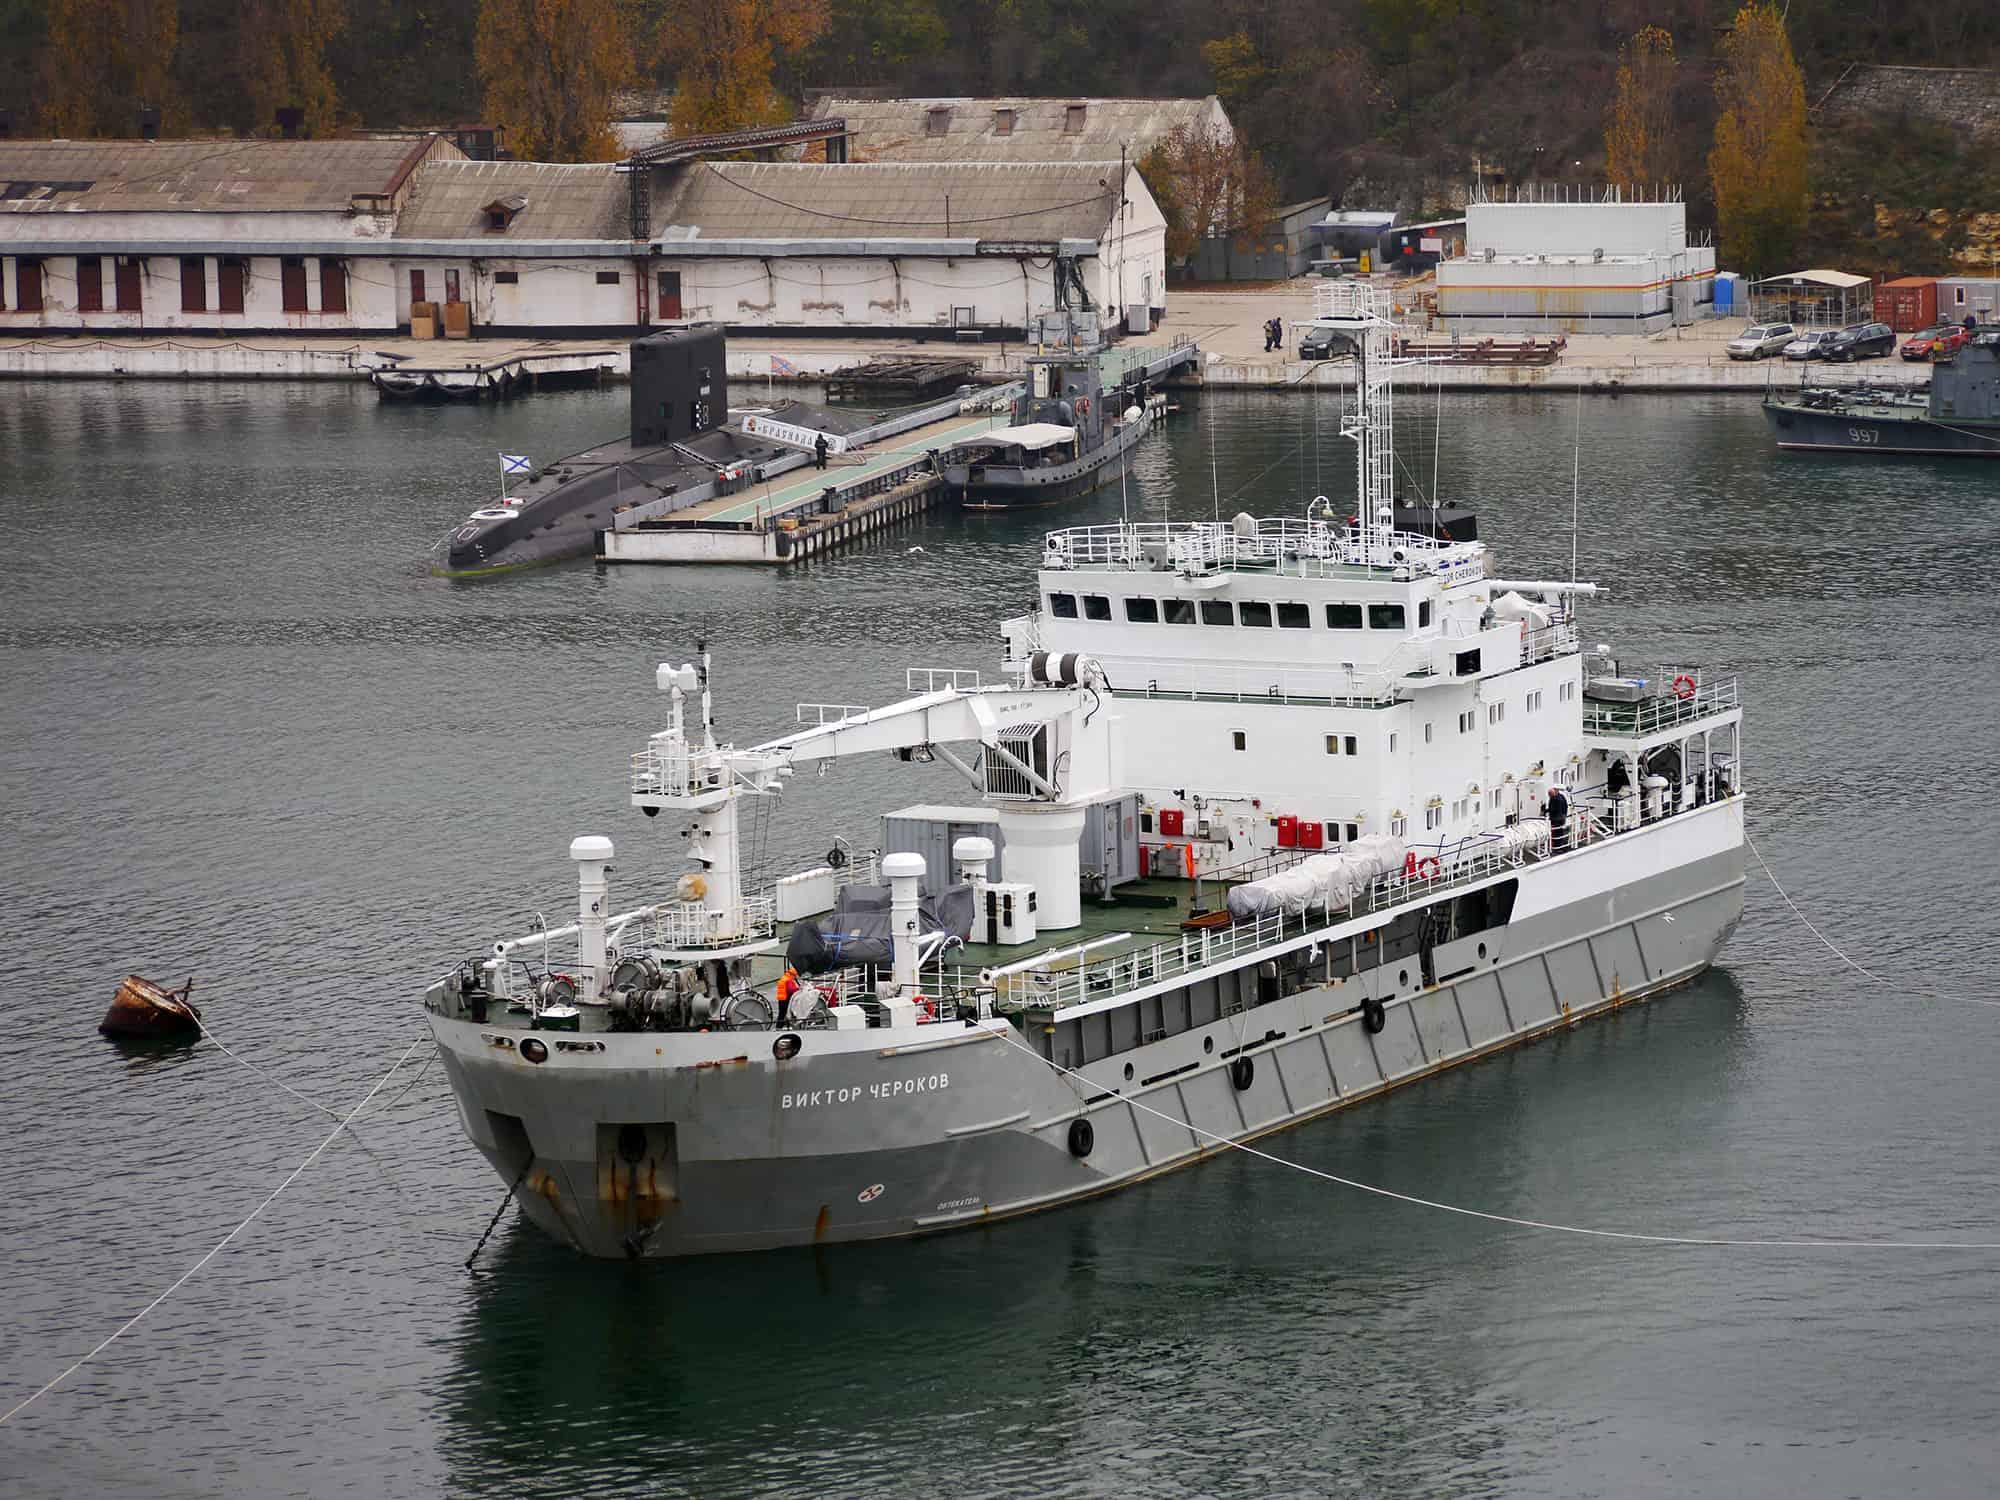 """Дослідне судно """"Виктор Чероков"""" на стенді .Фото - А. Брічевській, 15 листопада 2017 року"""